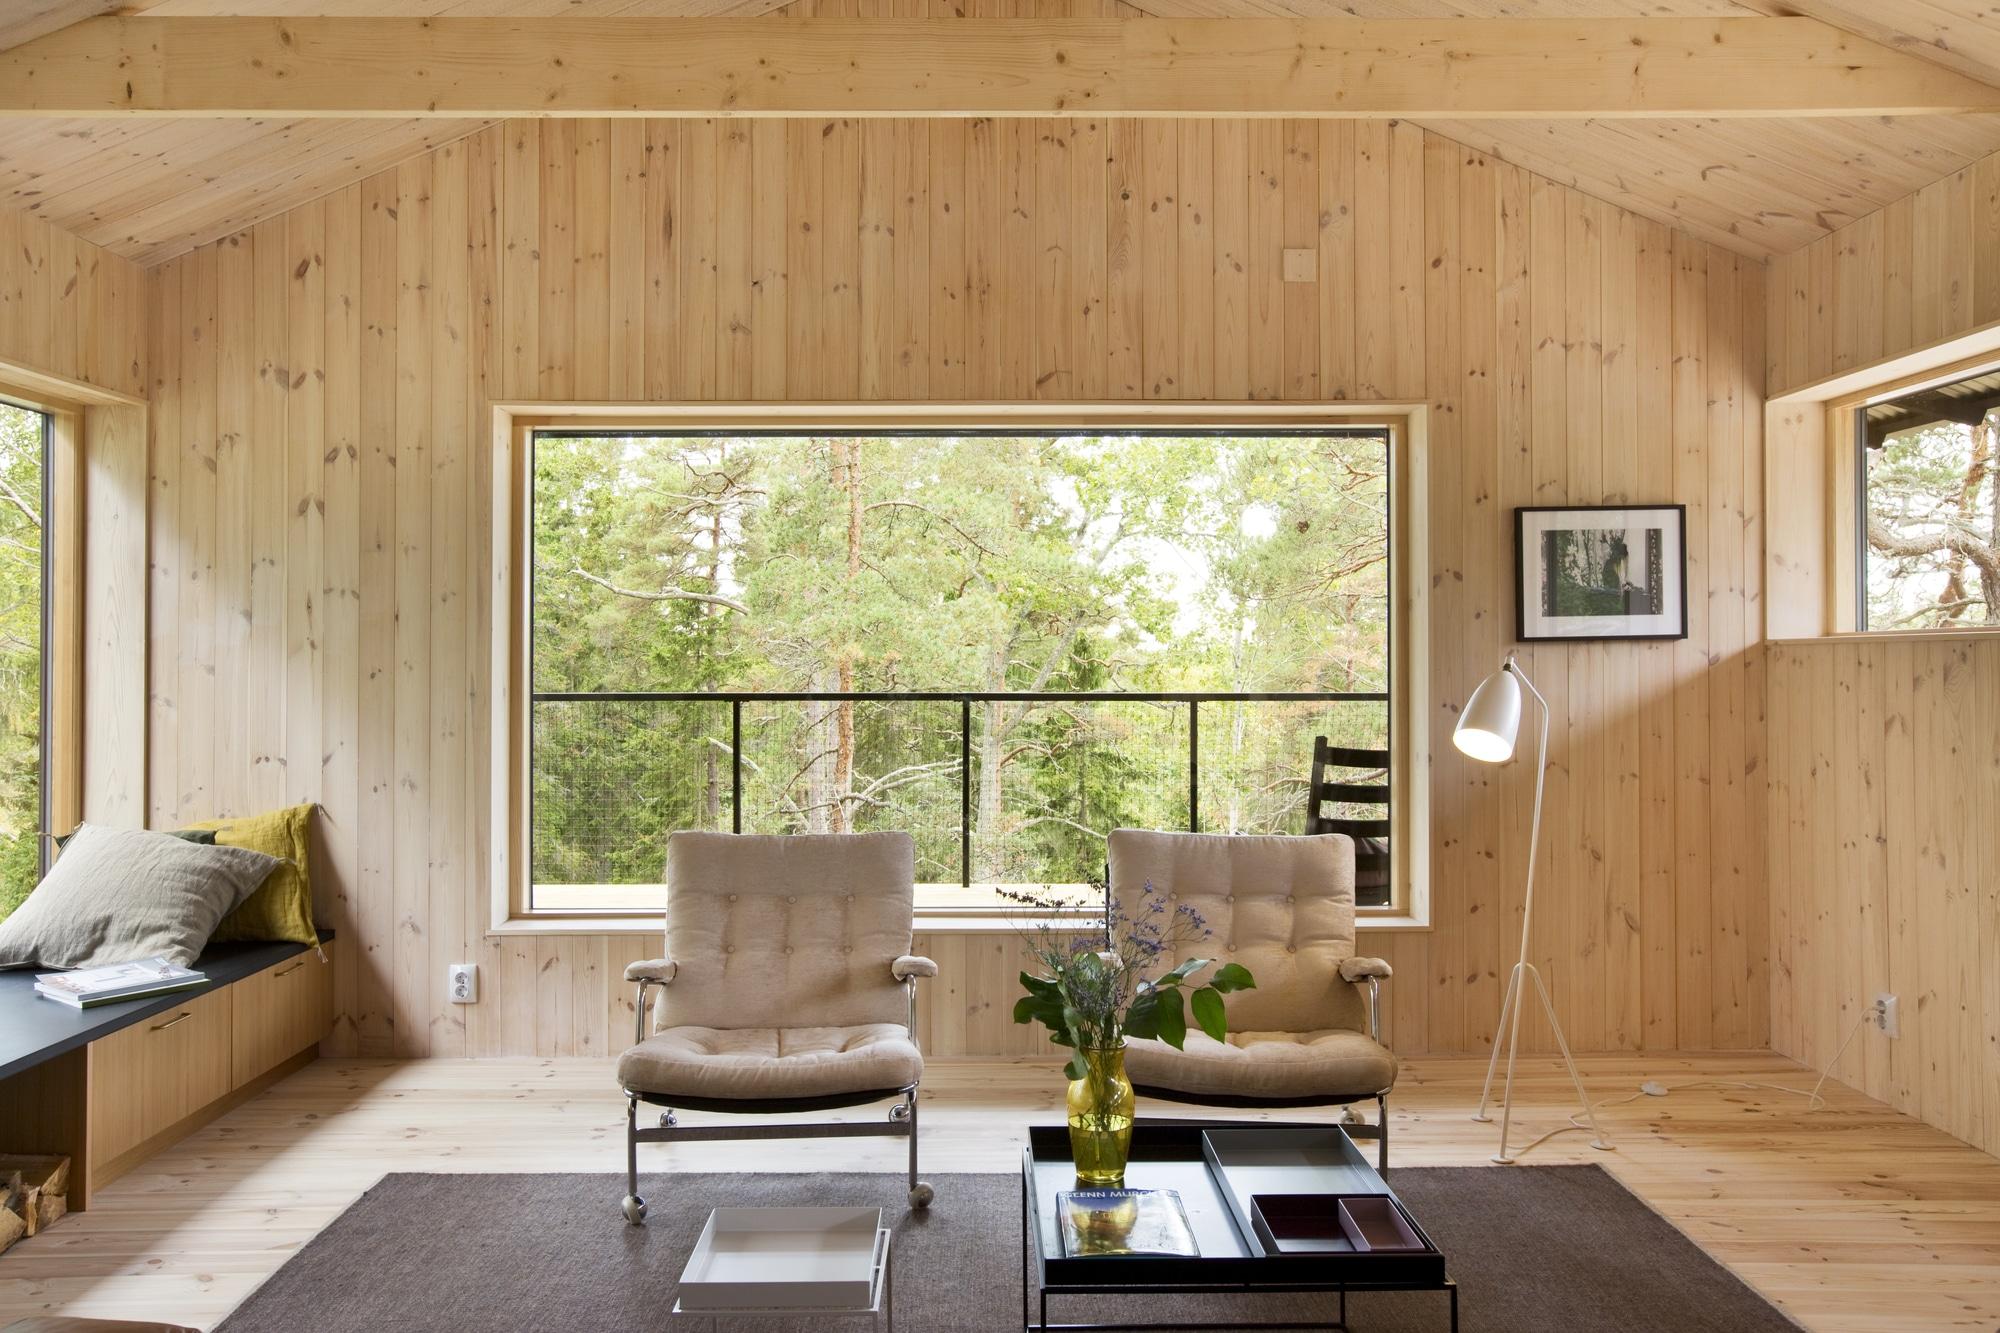 Dise o de casa peque a de madera fachada planos - Disenos casas de madera ...